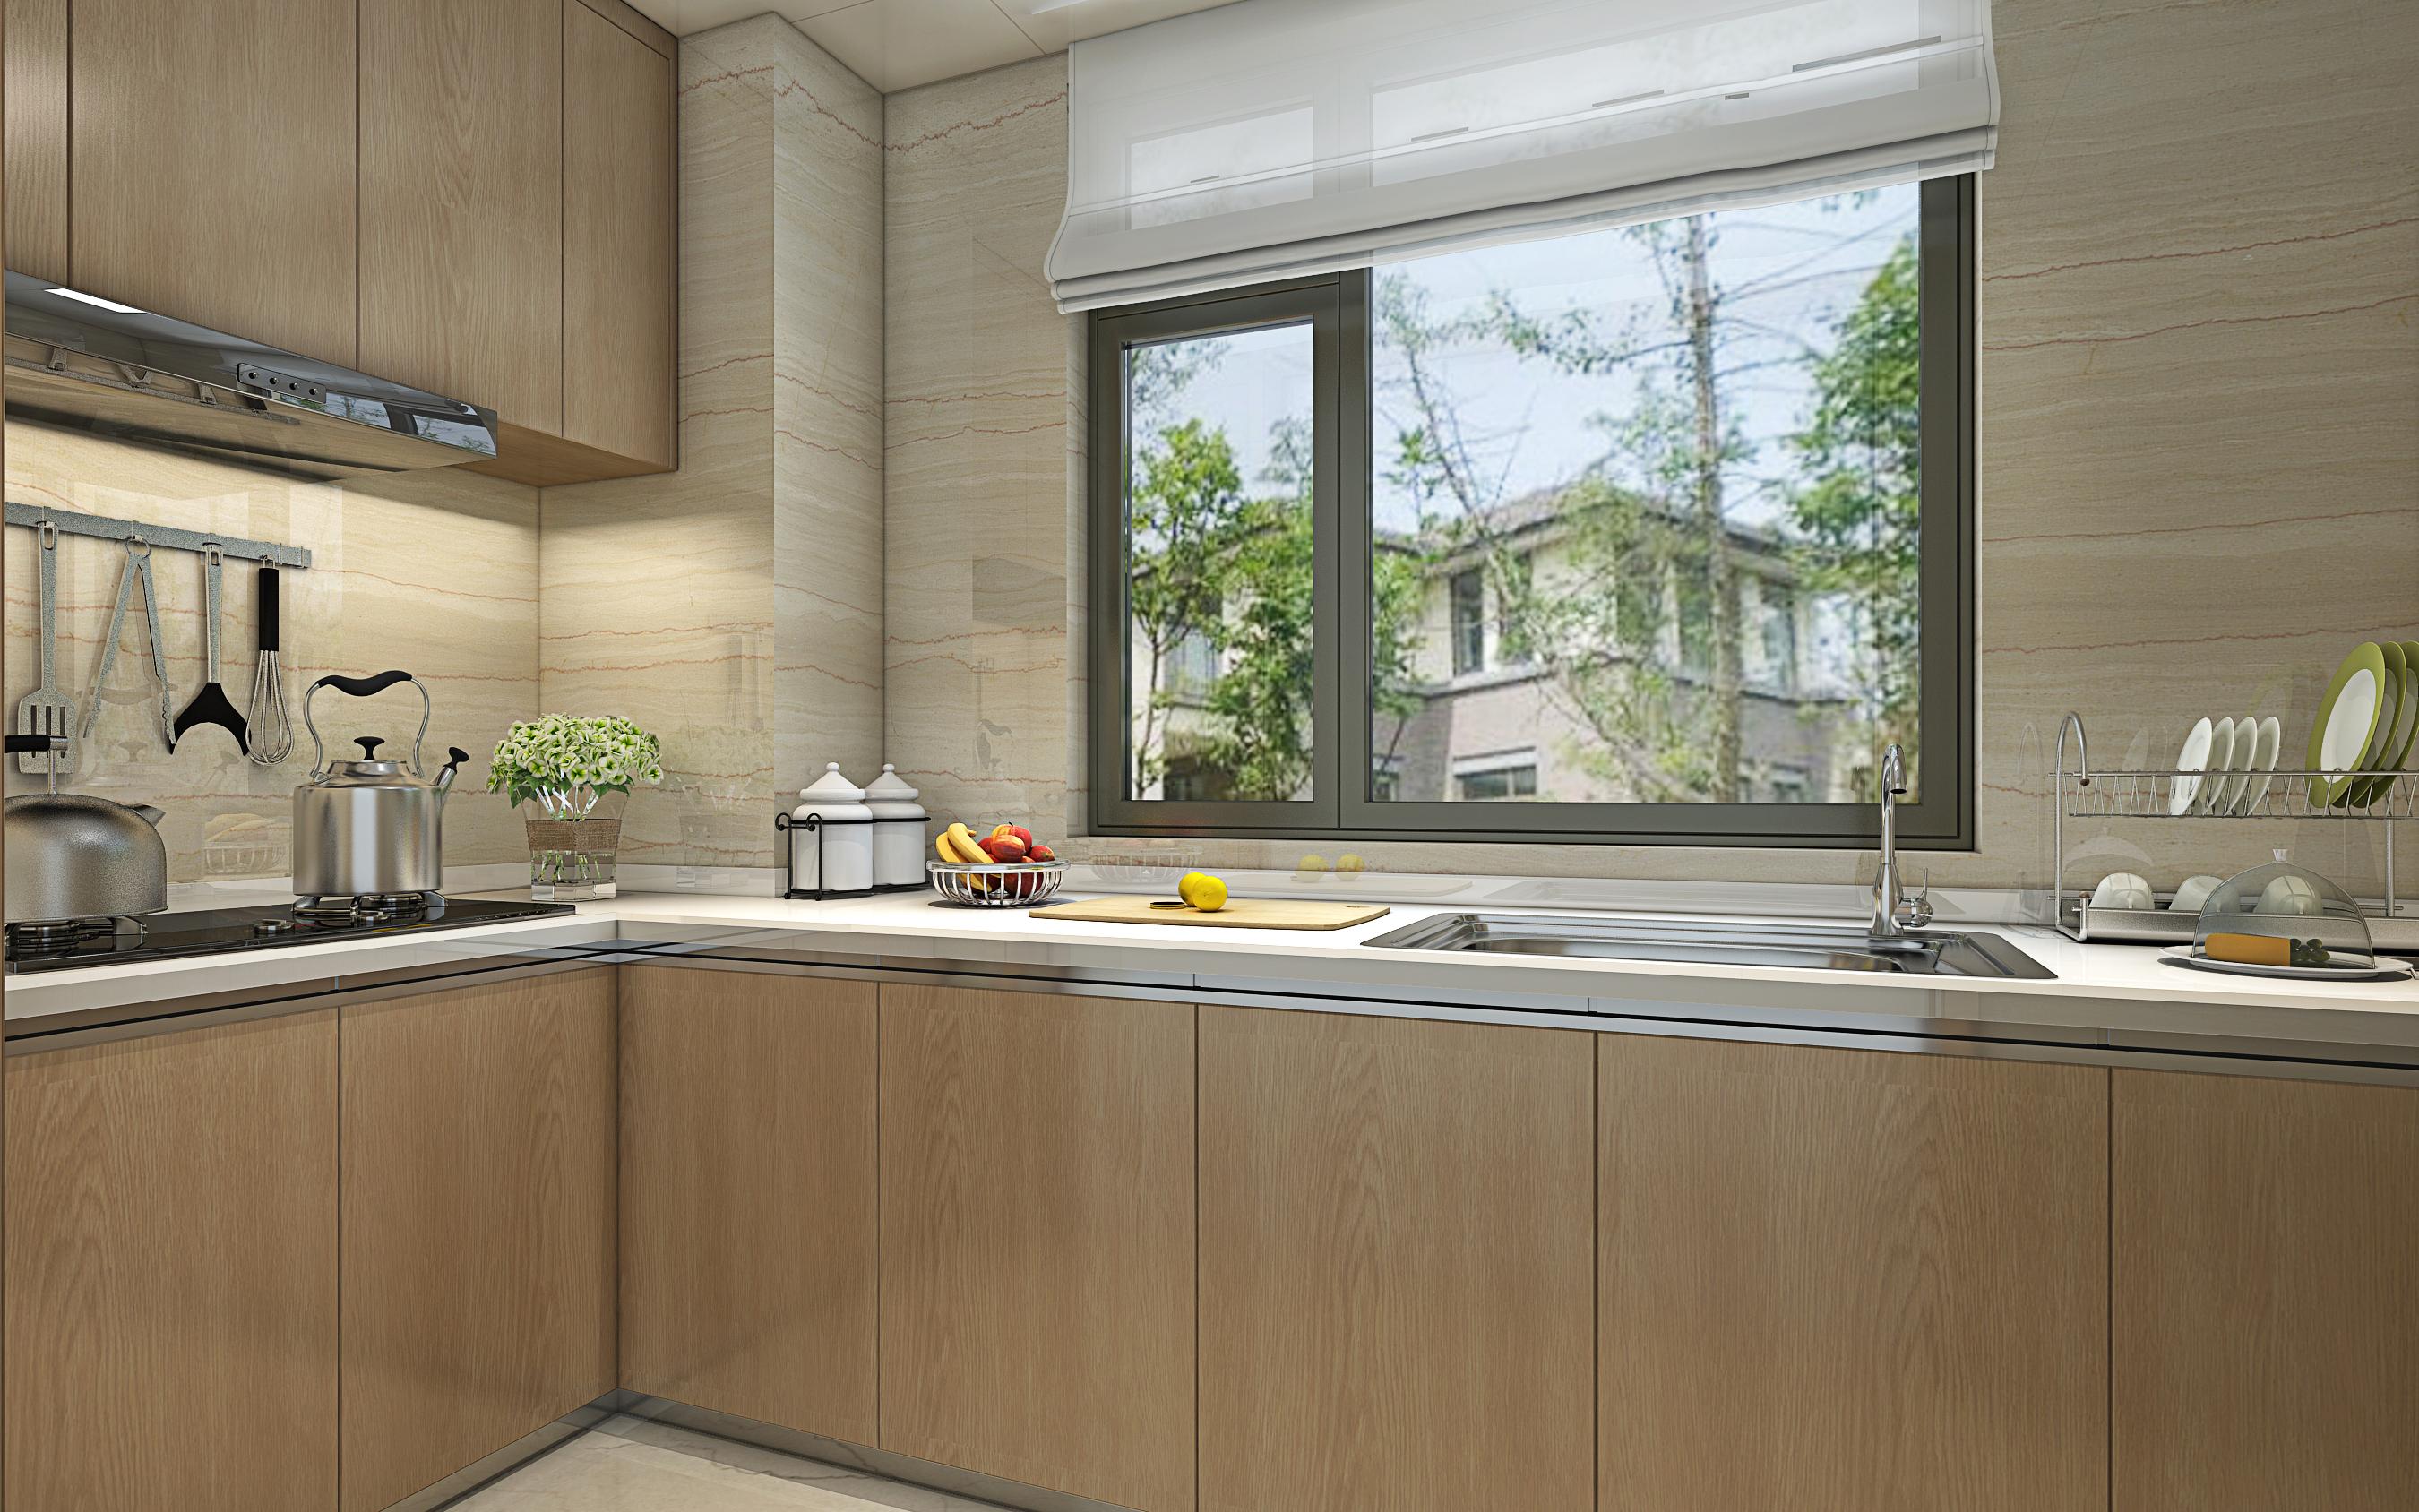 家装修效果图室内设计样板间设计复式别墅洋房loft自建房设计